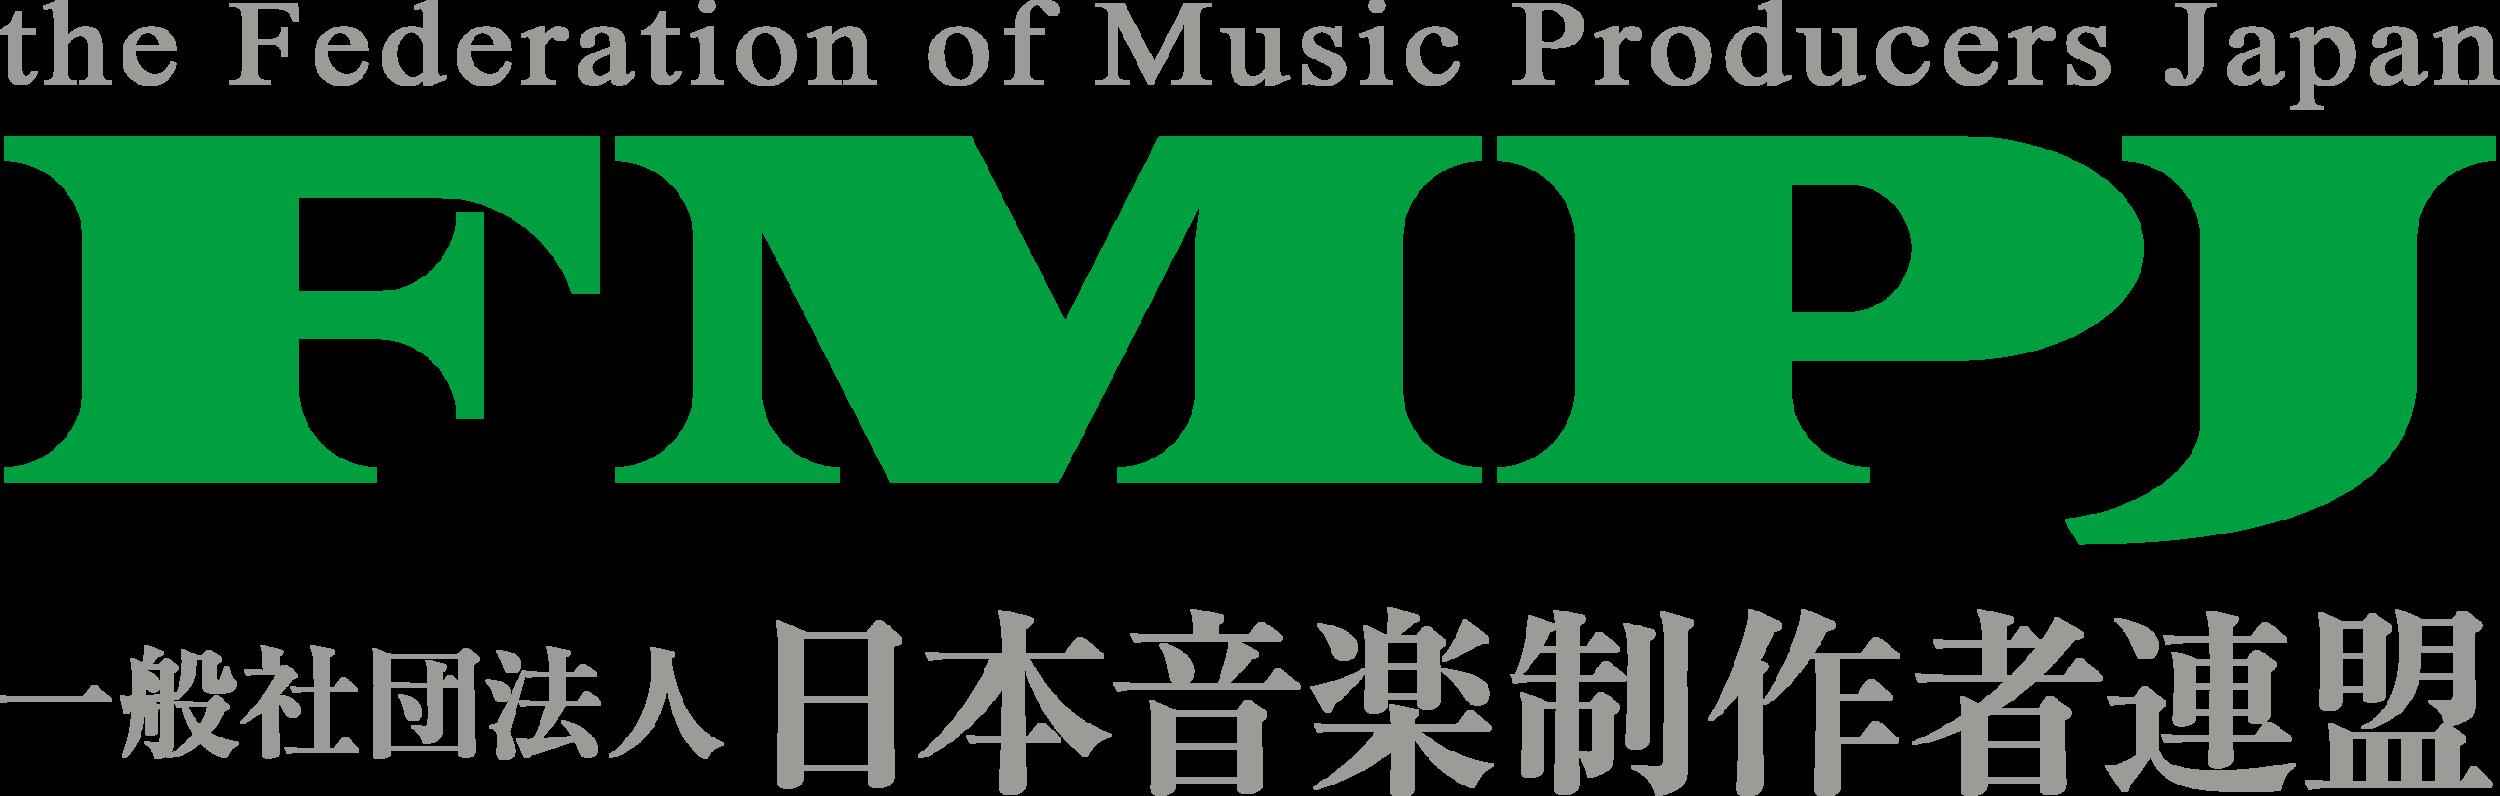 一般社団法人 日本音楽制作者連盟